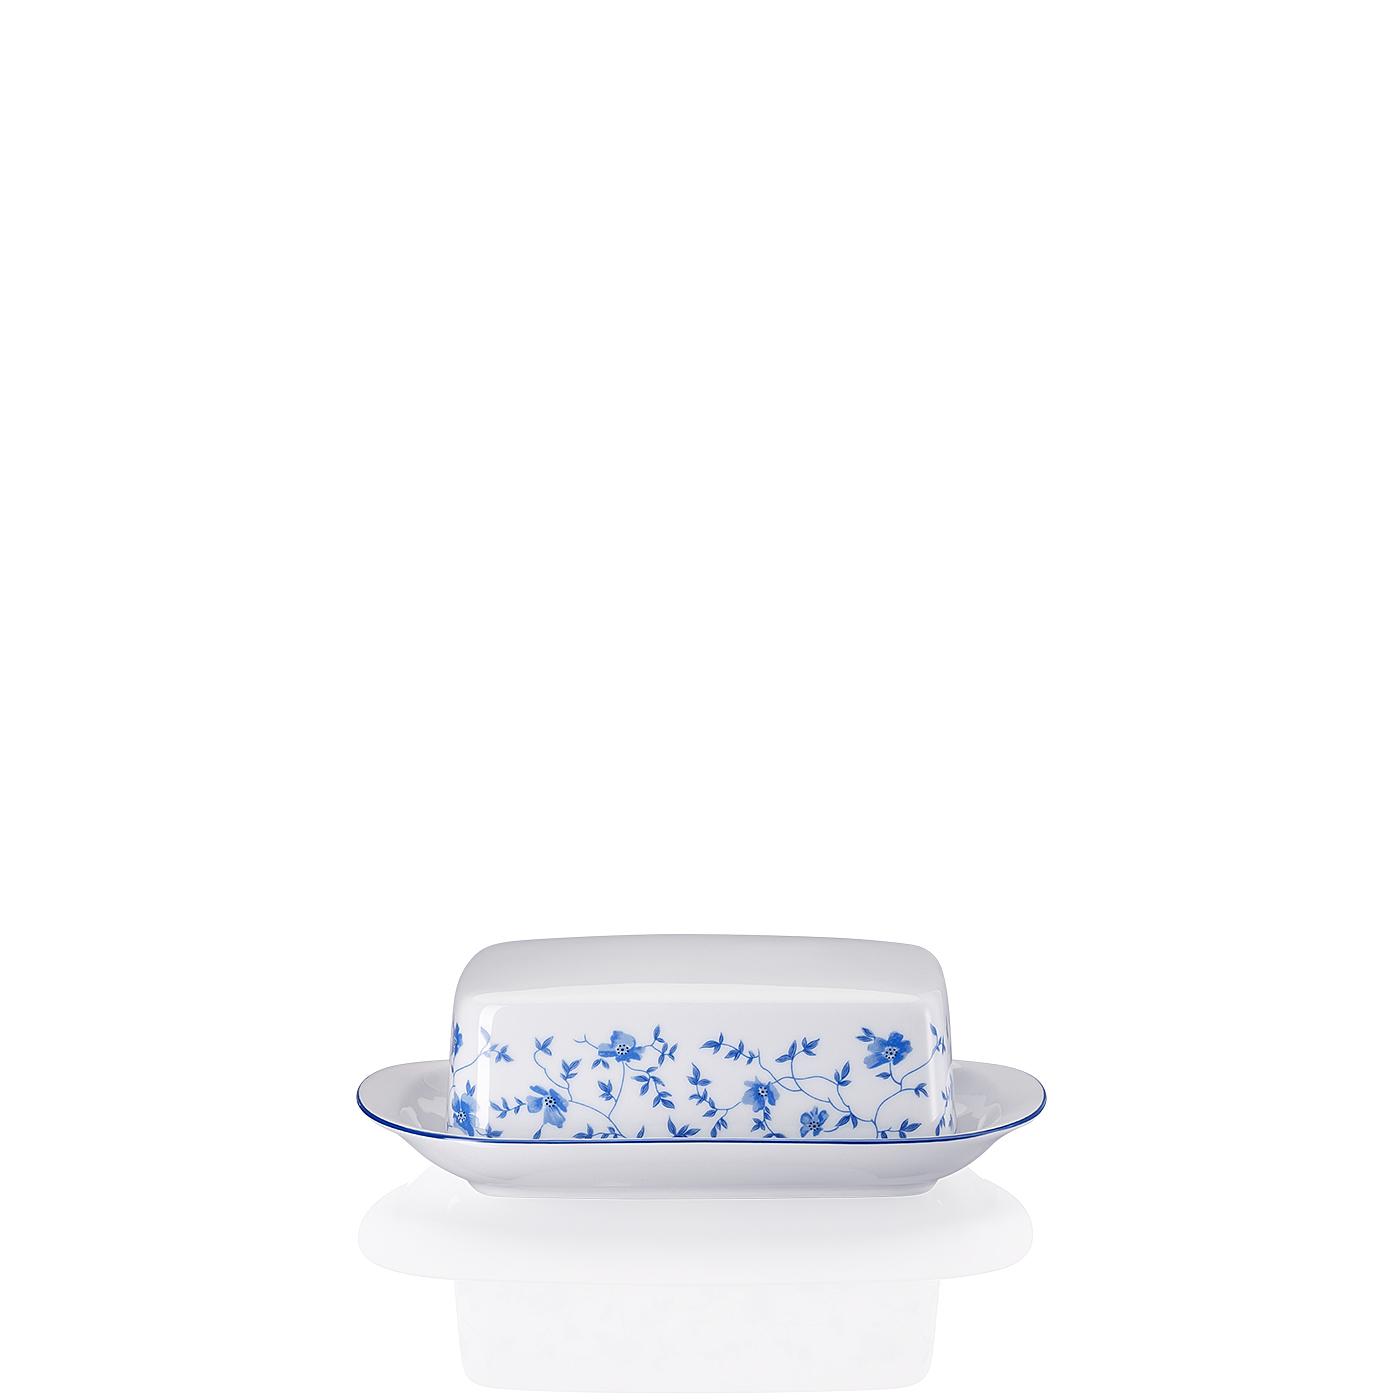 Butterdose Form 1382 Blaublüten Arzberg